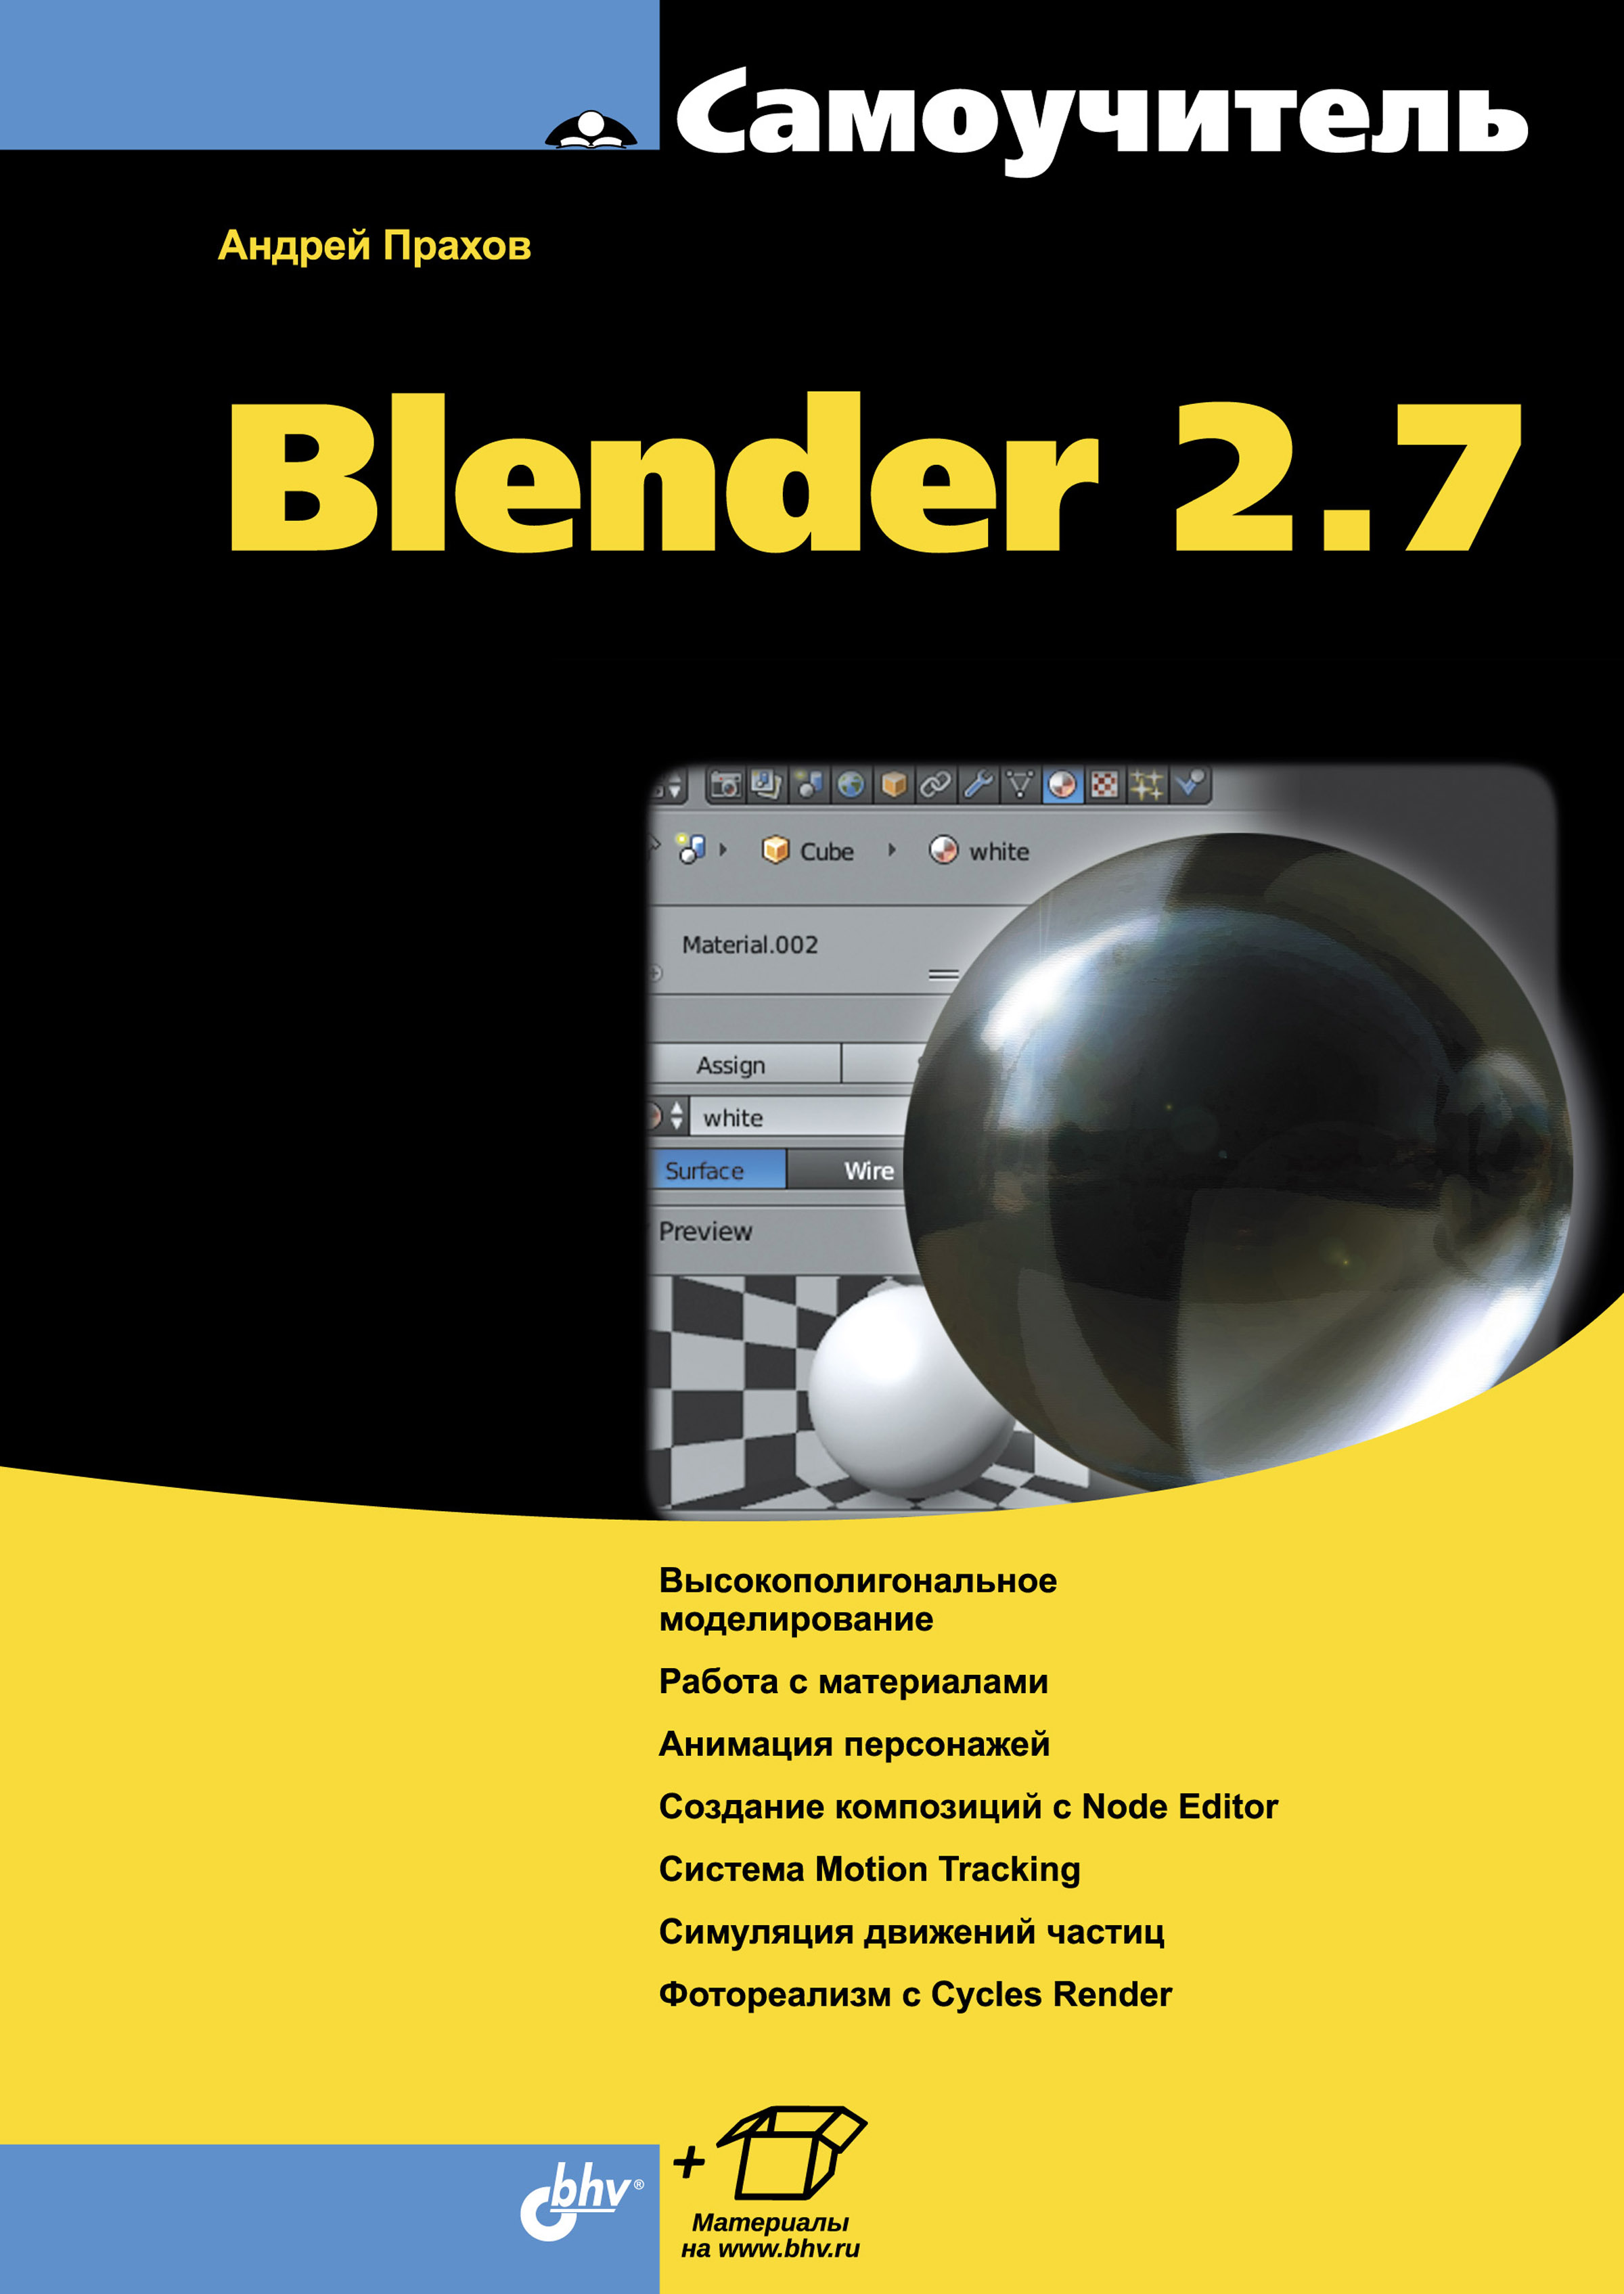 Андрей Прахов Самоучитель Blender 2.7